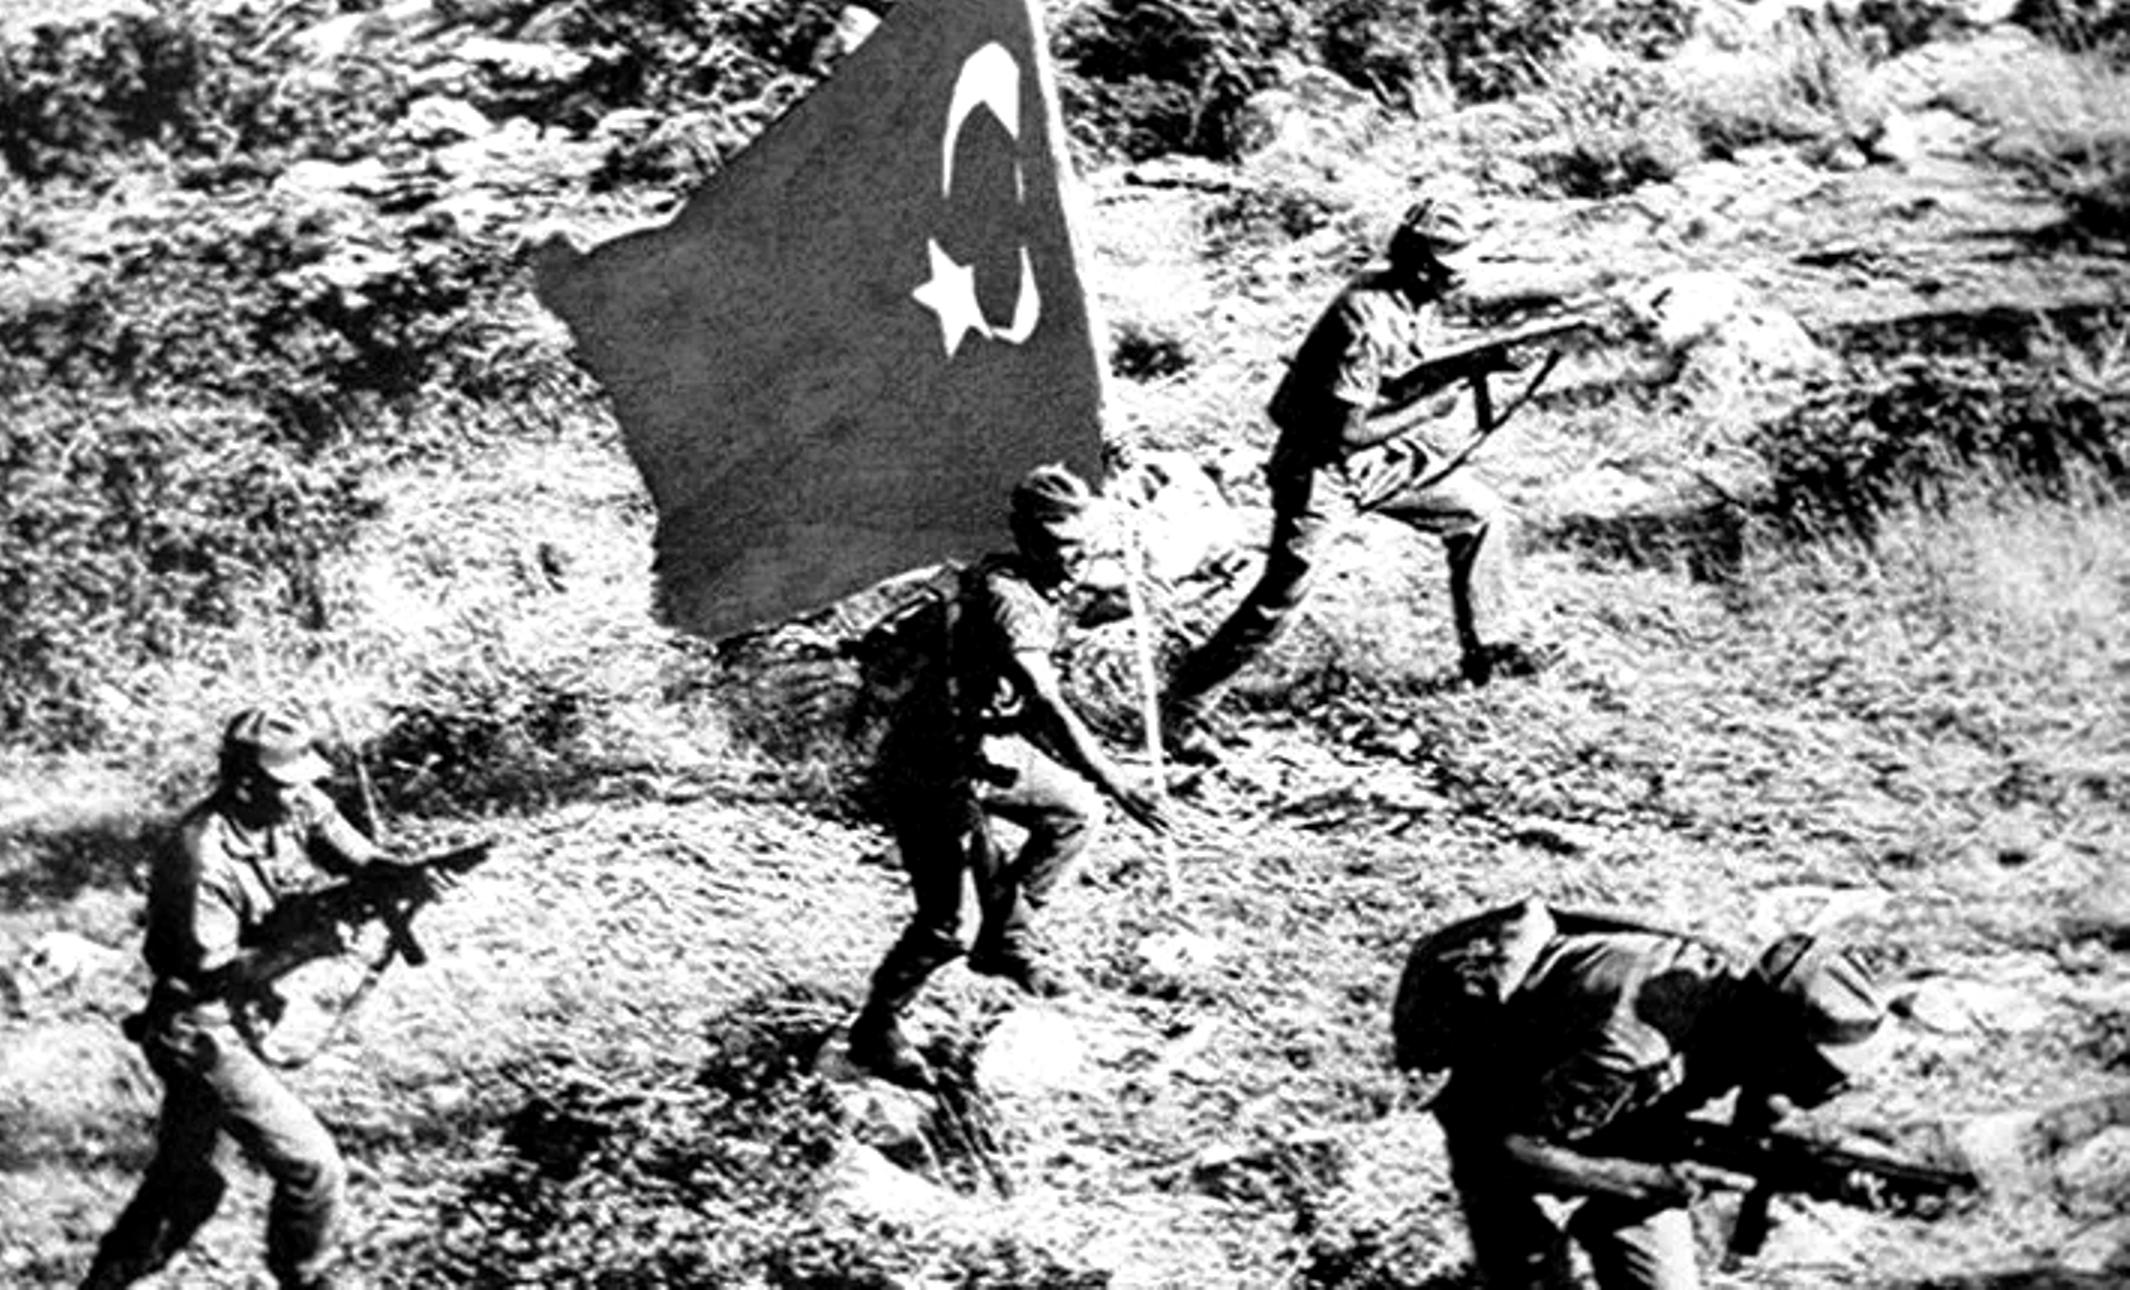 Το φάντασμα ενός νέου '74: Eλλάδα, Τουρκία και Ισραήλ